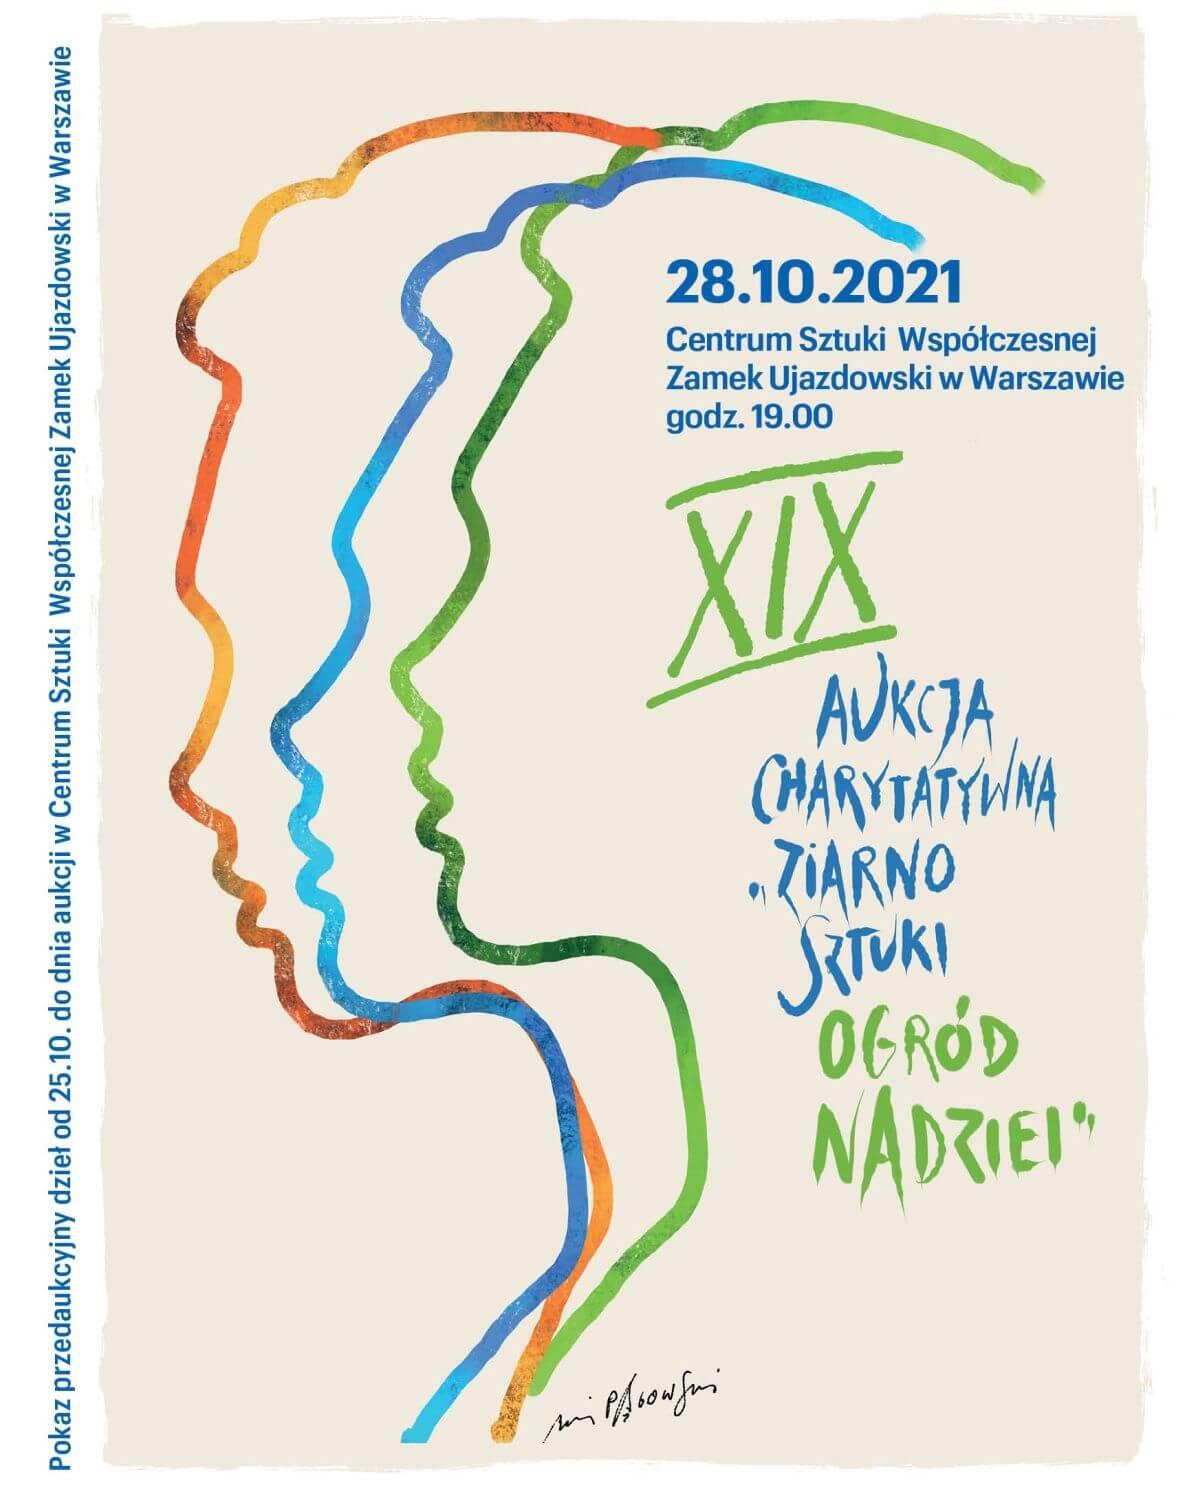 ogród nadziei, aukcja sztuki, aukcja charytatywna, sztuka polska, plakat, Andrzej Pągowski, niezła sztuka